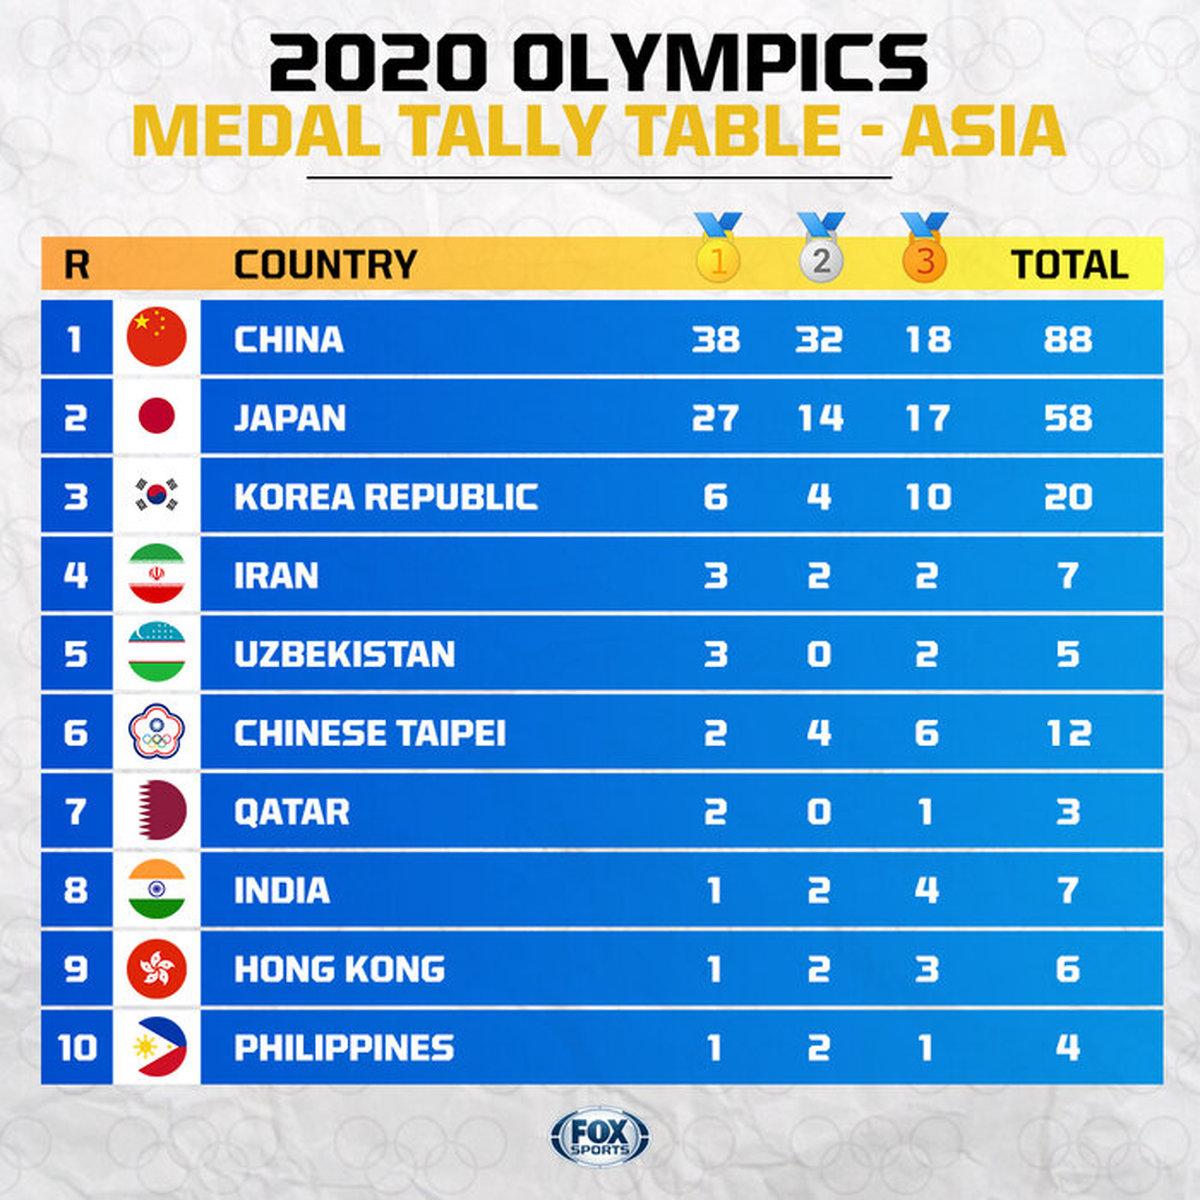 المپیک 2020 توکیو     کاروان ایران در قله چهارم آسیا ایستاد